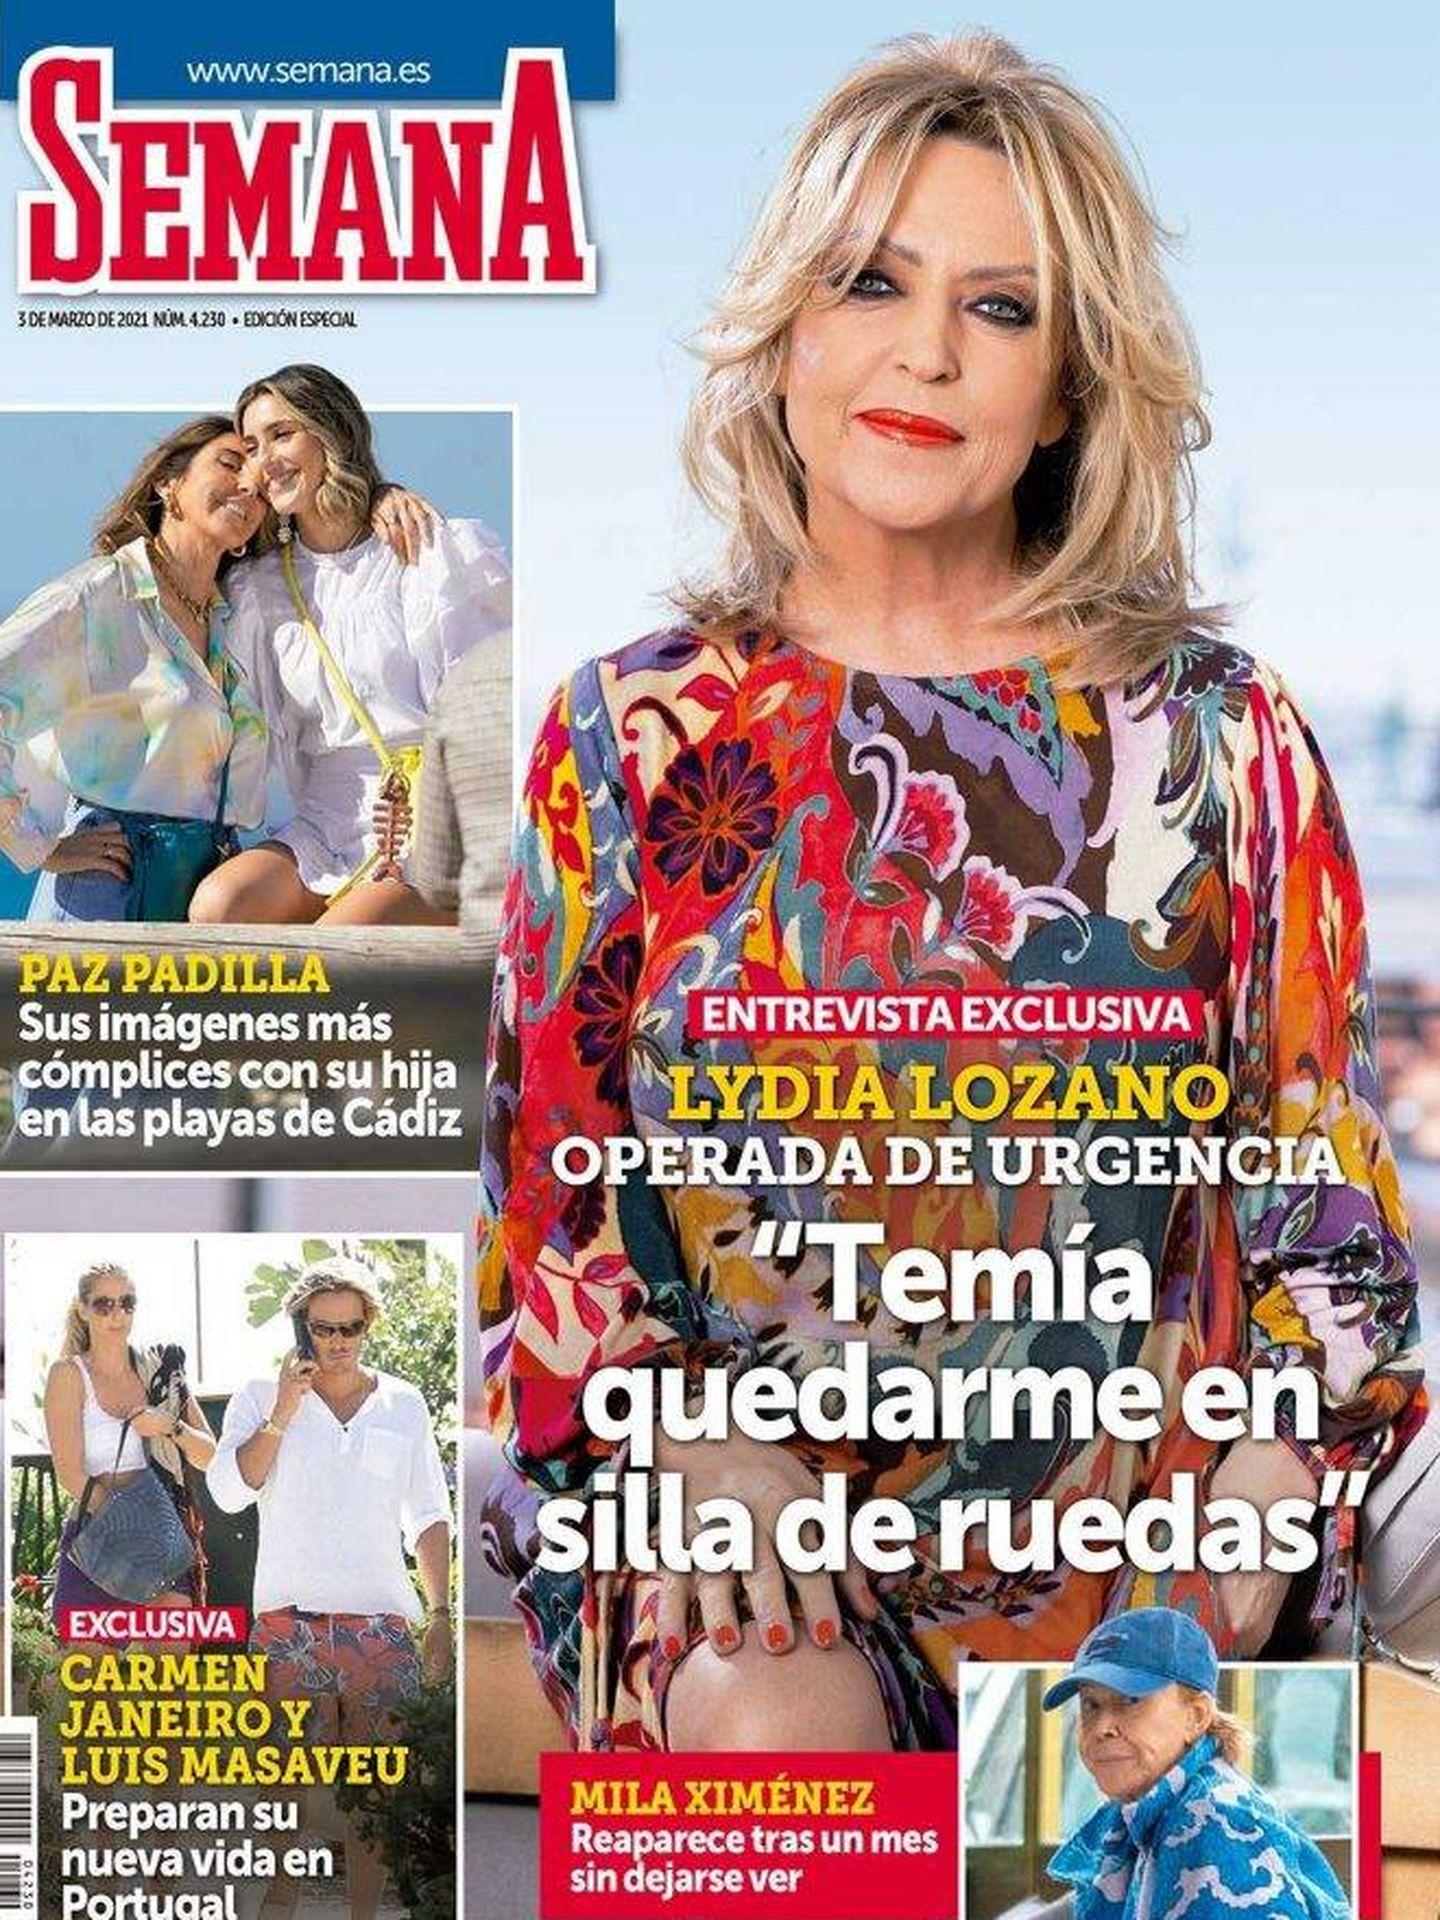 Lydia Lozano en la portada de la revista Semana.